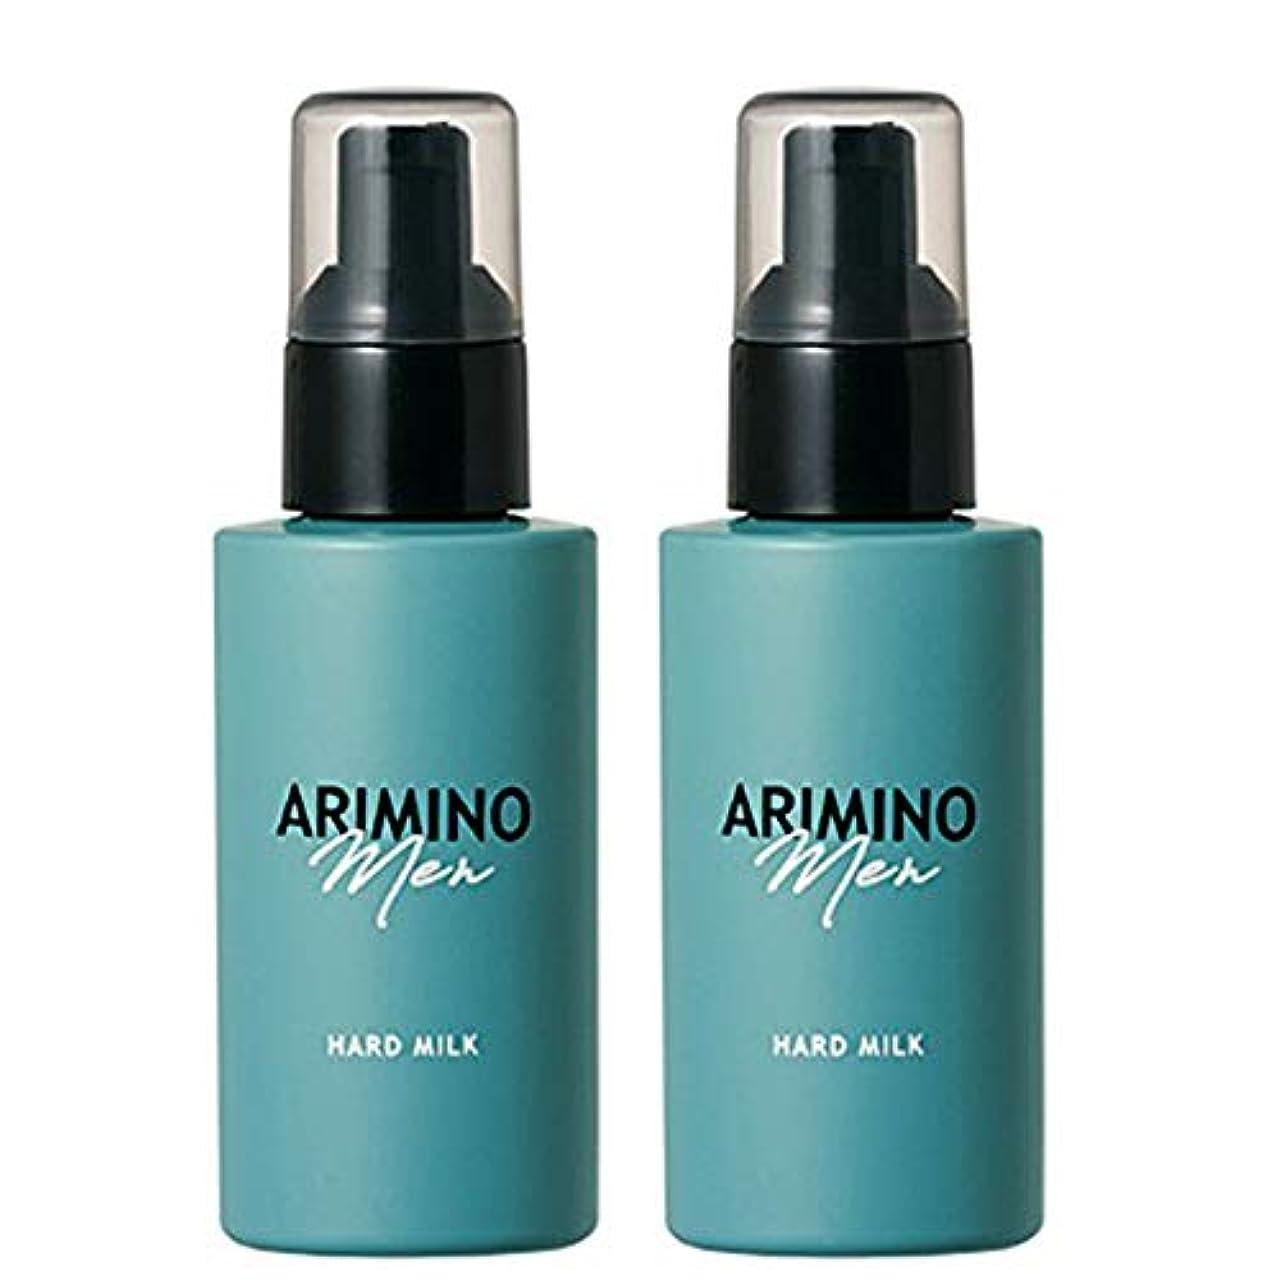 できる簡単に呼び起こすアリミノ メン ハード ミルク 100g ×2個 セット arimino men